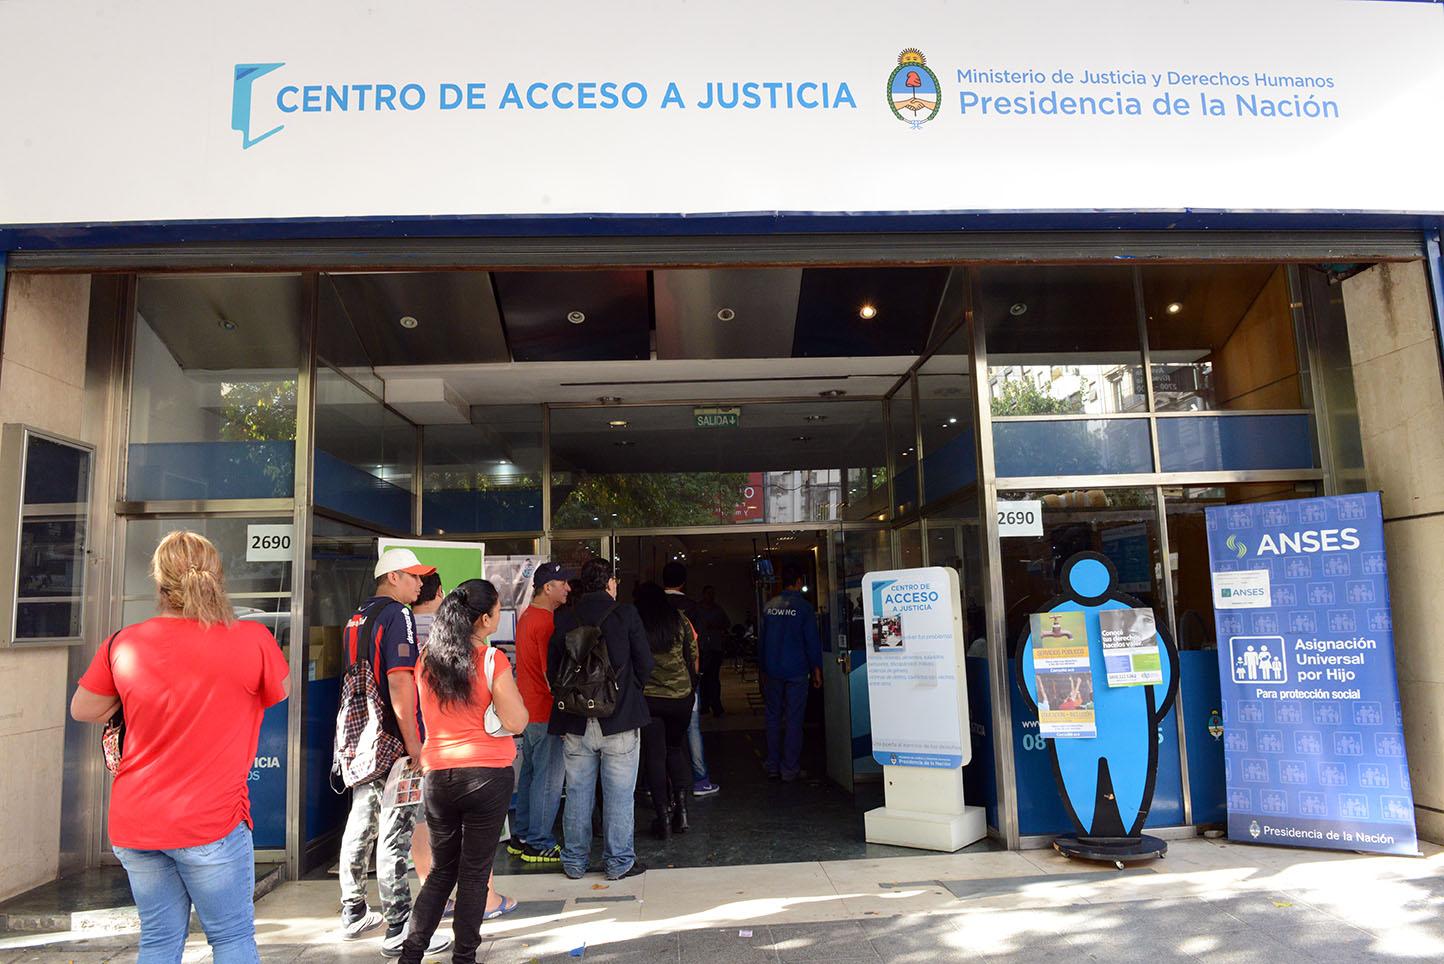 Los Centros de Acceso a Justicia atendieron más de 314 mil consultas en un año